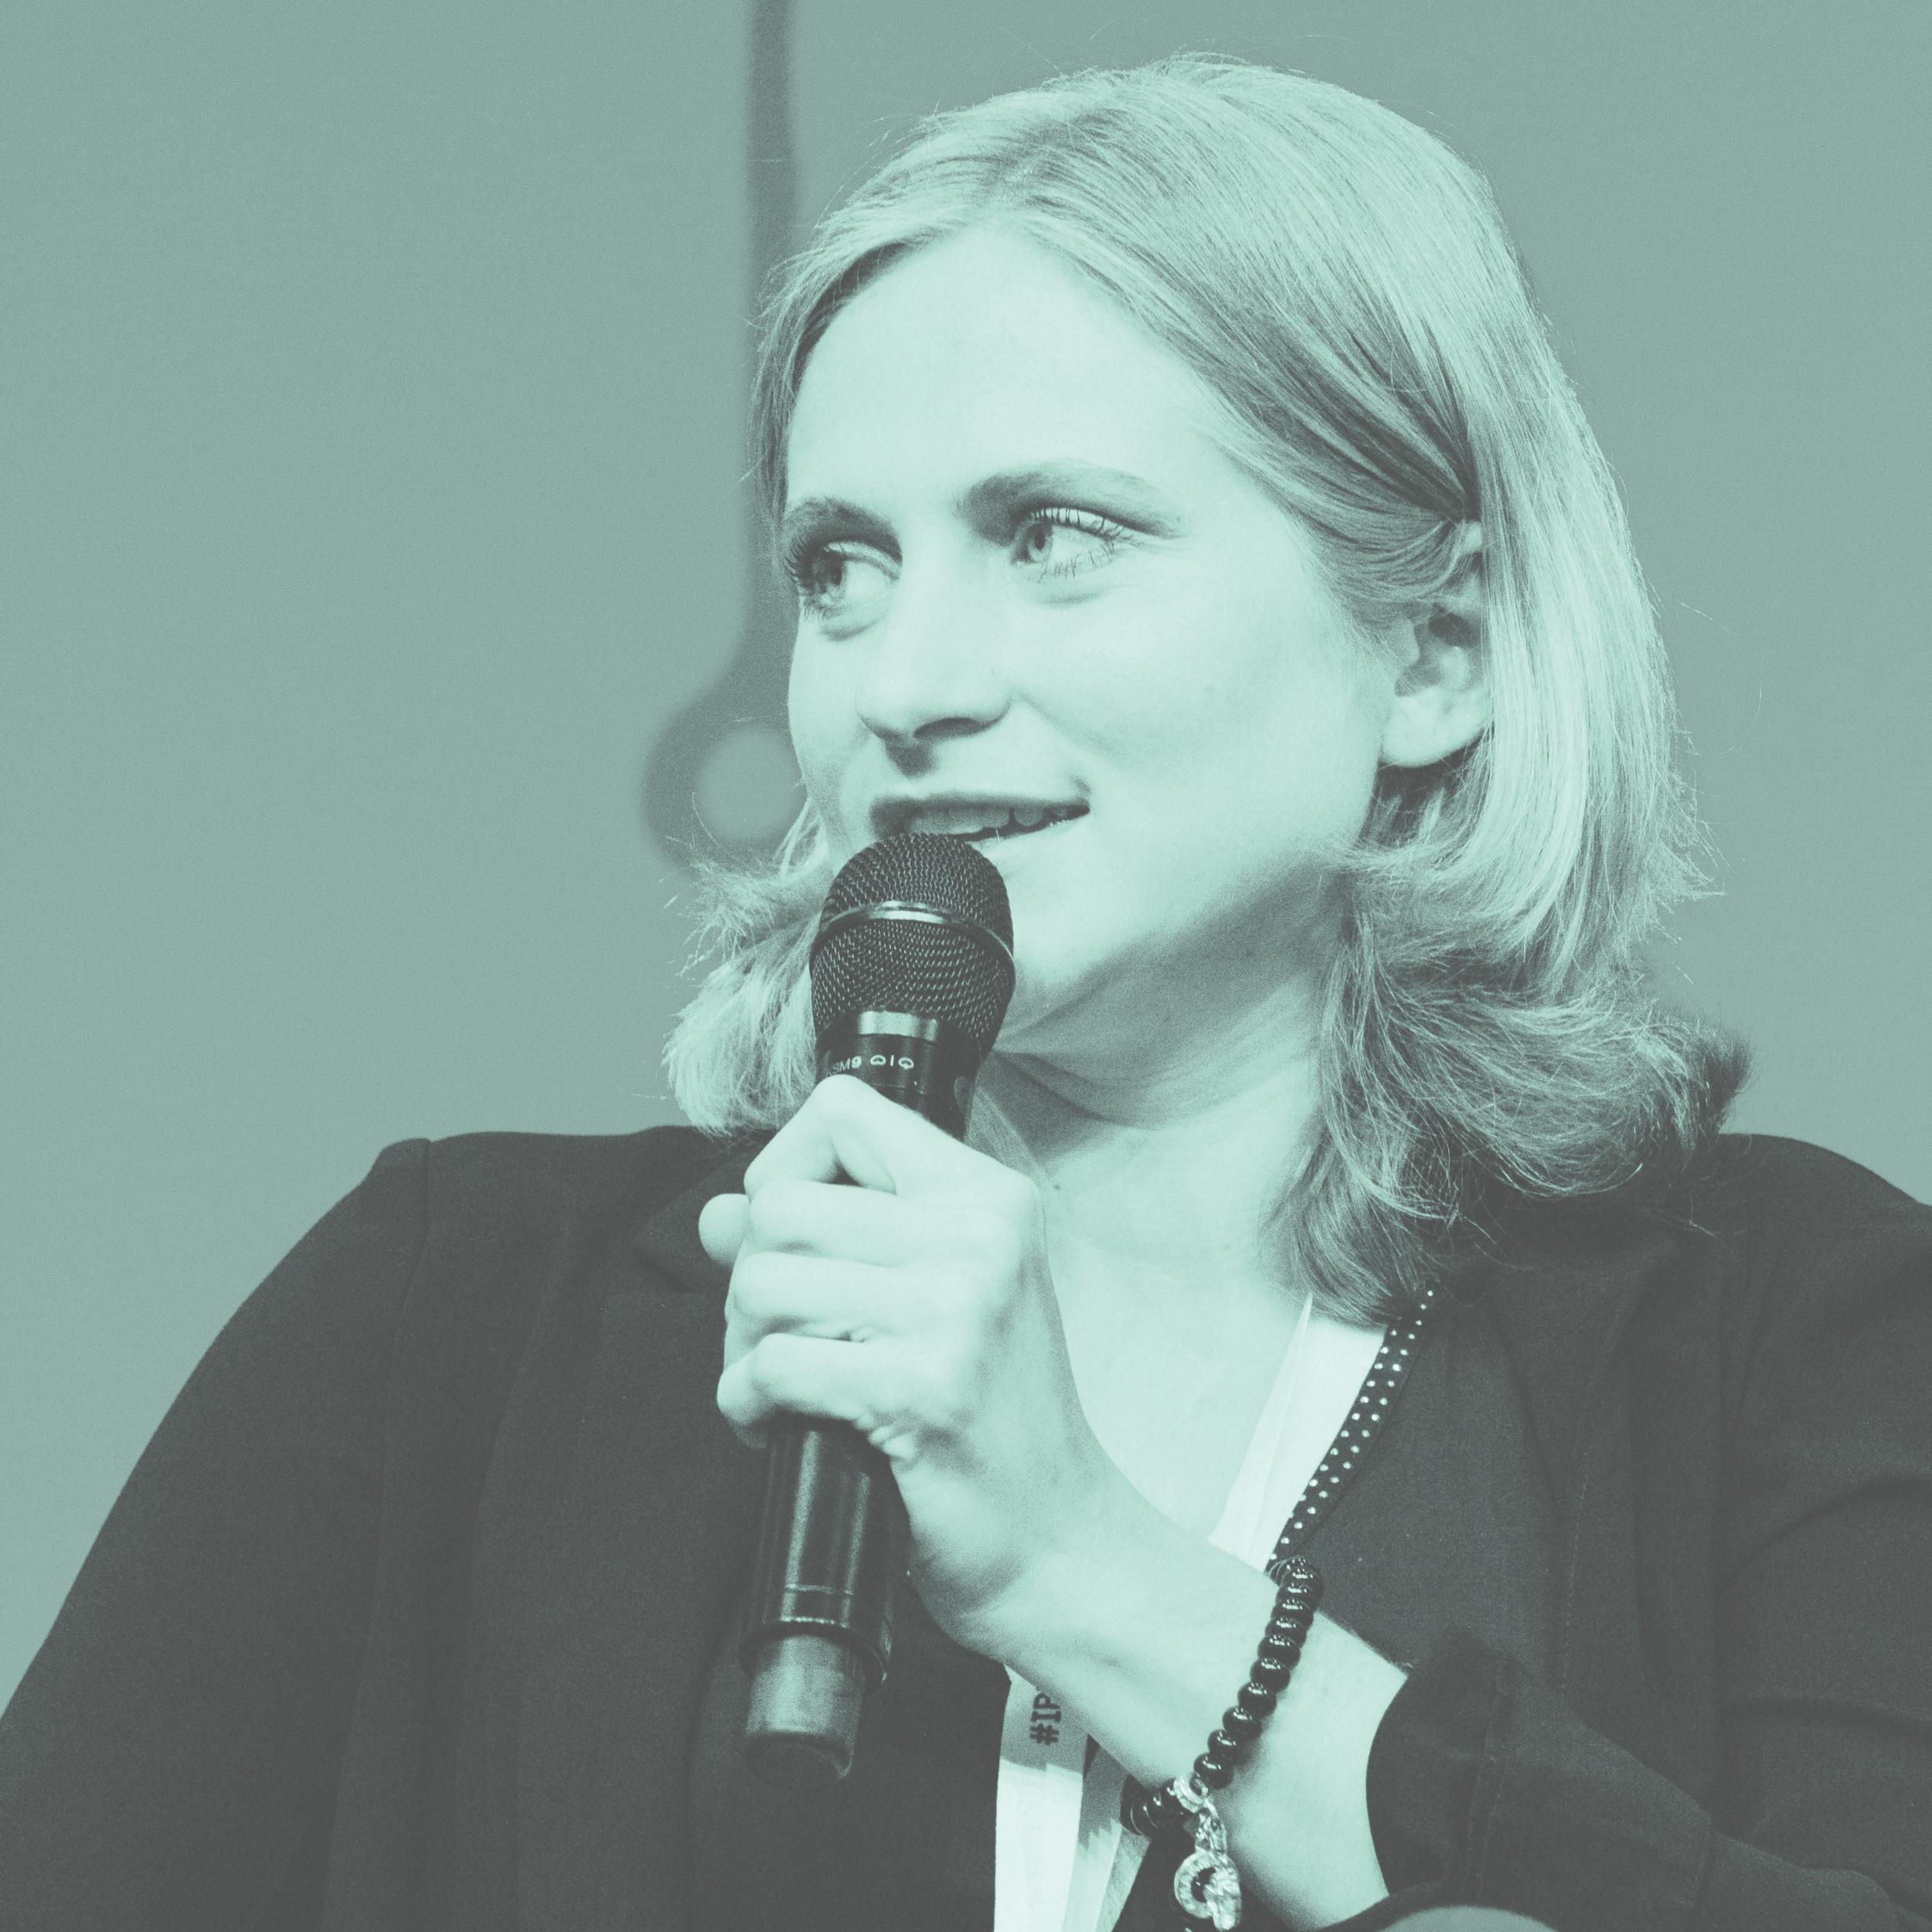 laura fichtner - forscht als interdisziplinäre Wissenschaftlerin an der Schnittstelle zwischen Informationstechnologie, Ethik, Politik und Gesellschaft und ist wissenschaftliche Mitarbeiterin in der Arbeitsgruppe für Ethik in der Informationstechnik innerhalb des Fachbereichs für Informatik an der Universität Hamburg. Dort arbeitet sie auch an ihrer Dissertation zum Thema Werteund Internet Governance.